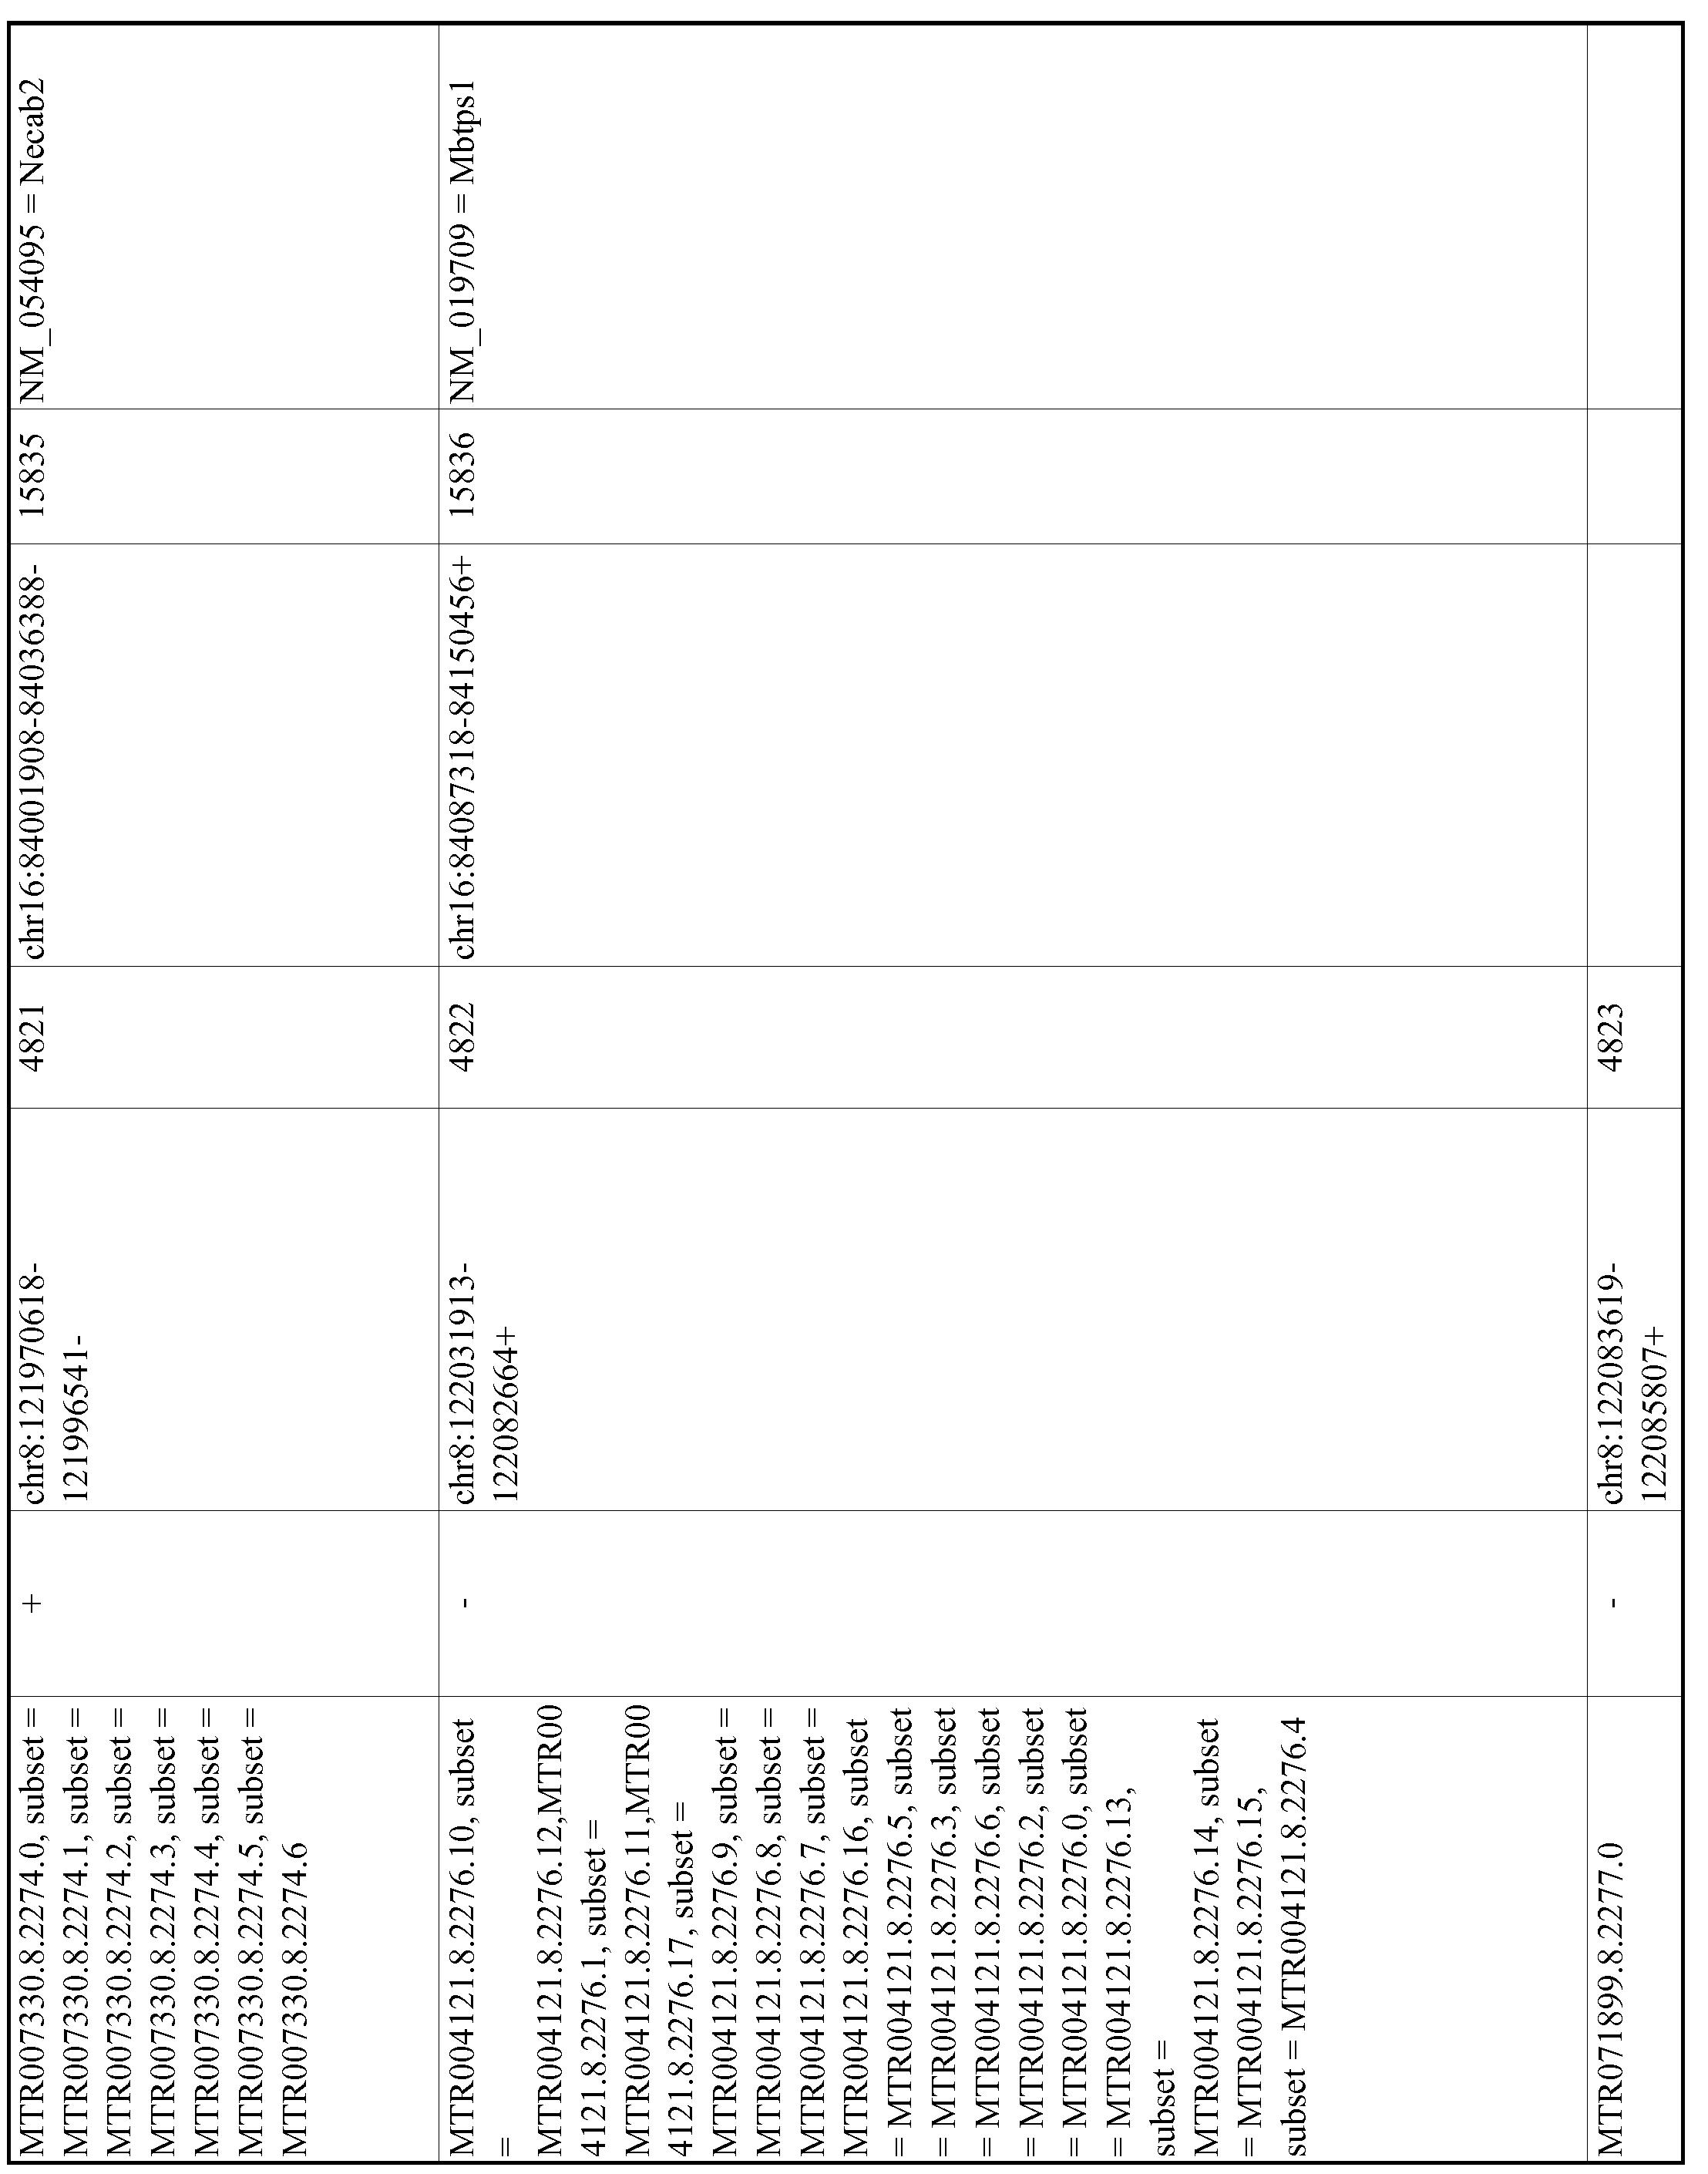 Figure imgf000891_0001